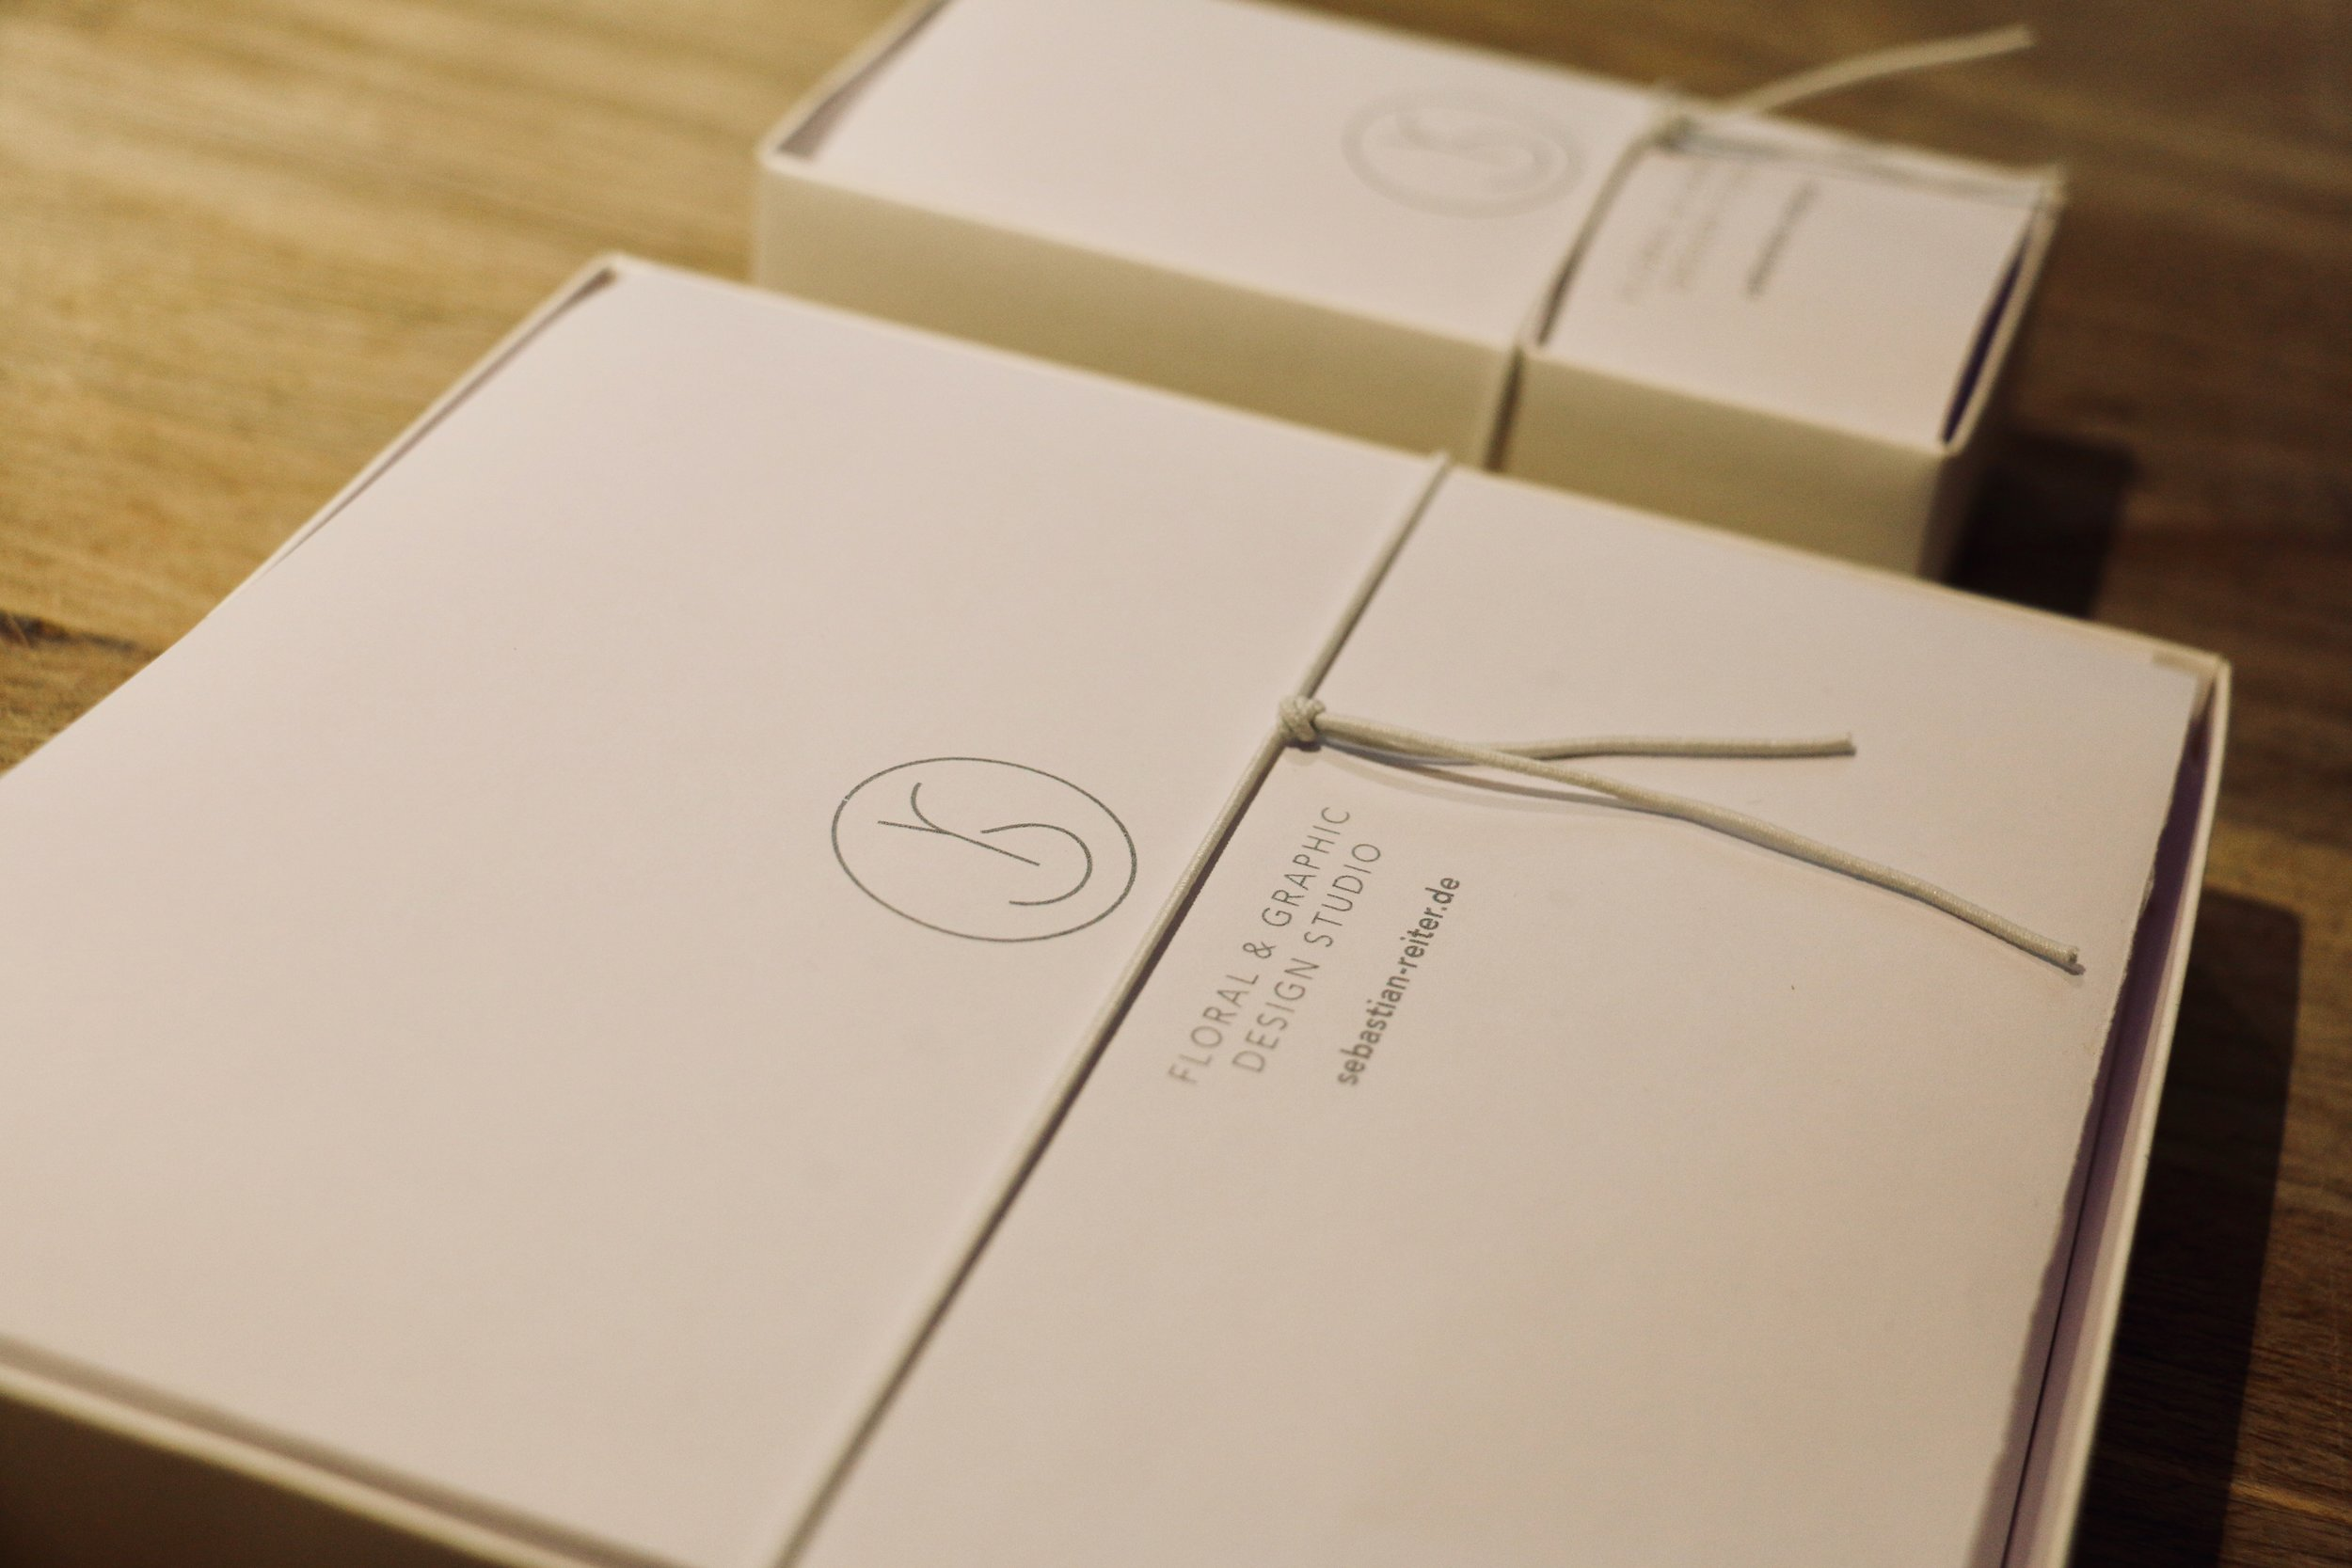 Schenken bereitet Freude - Gerne verpacken wir Euch Euren Einkauf als Geschenk.